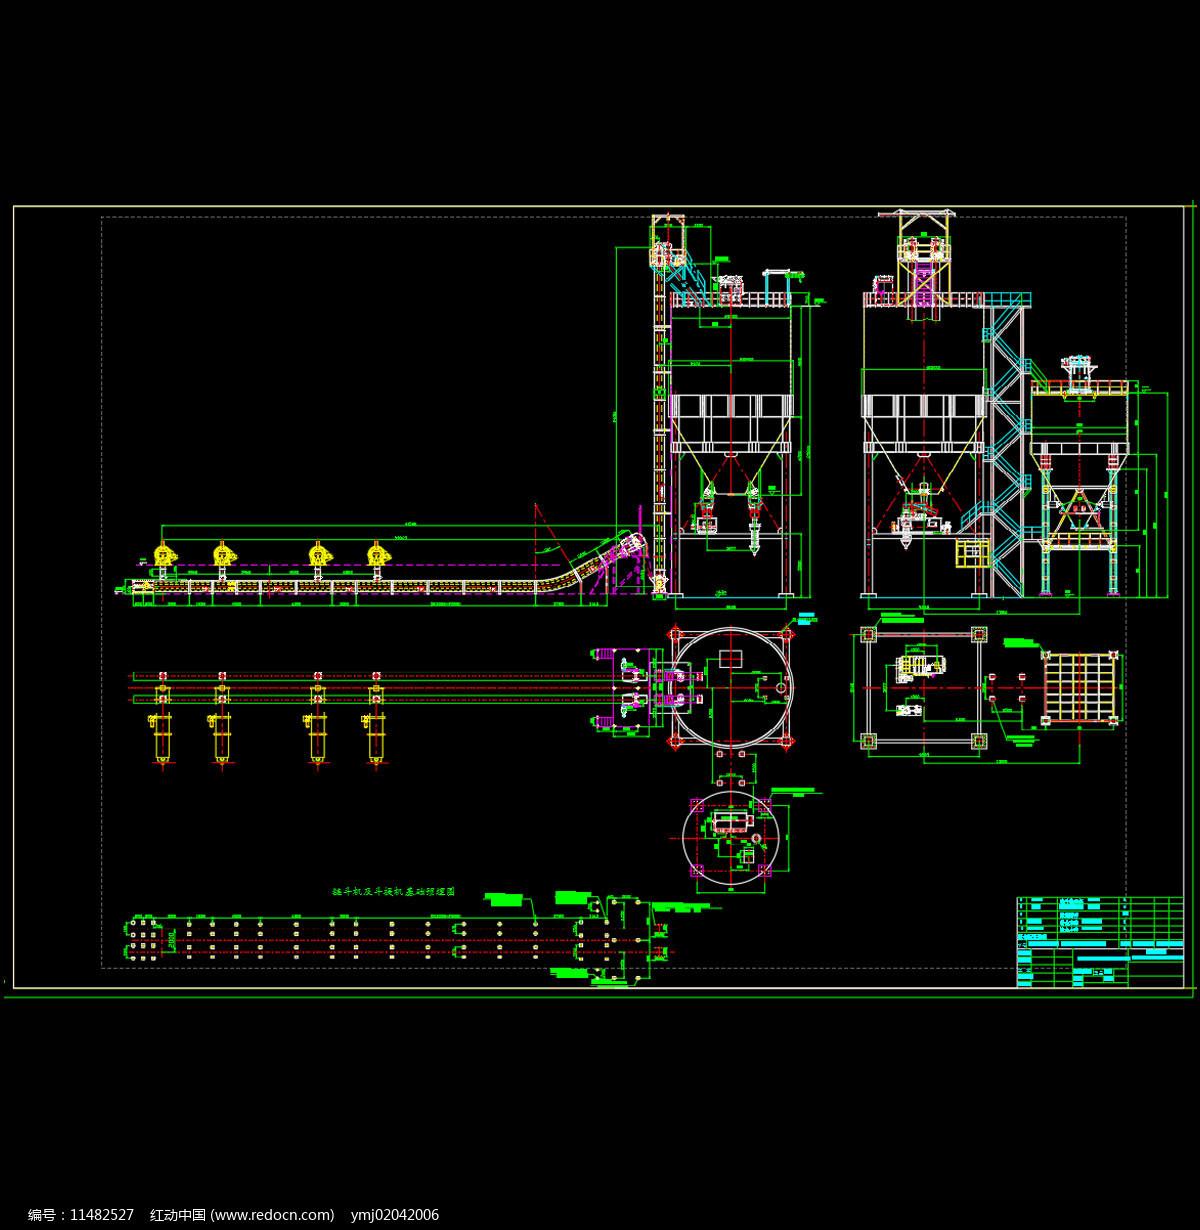 机械除渣设备布置系统详图CAD机械图纸图片